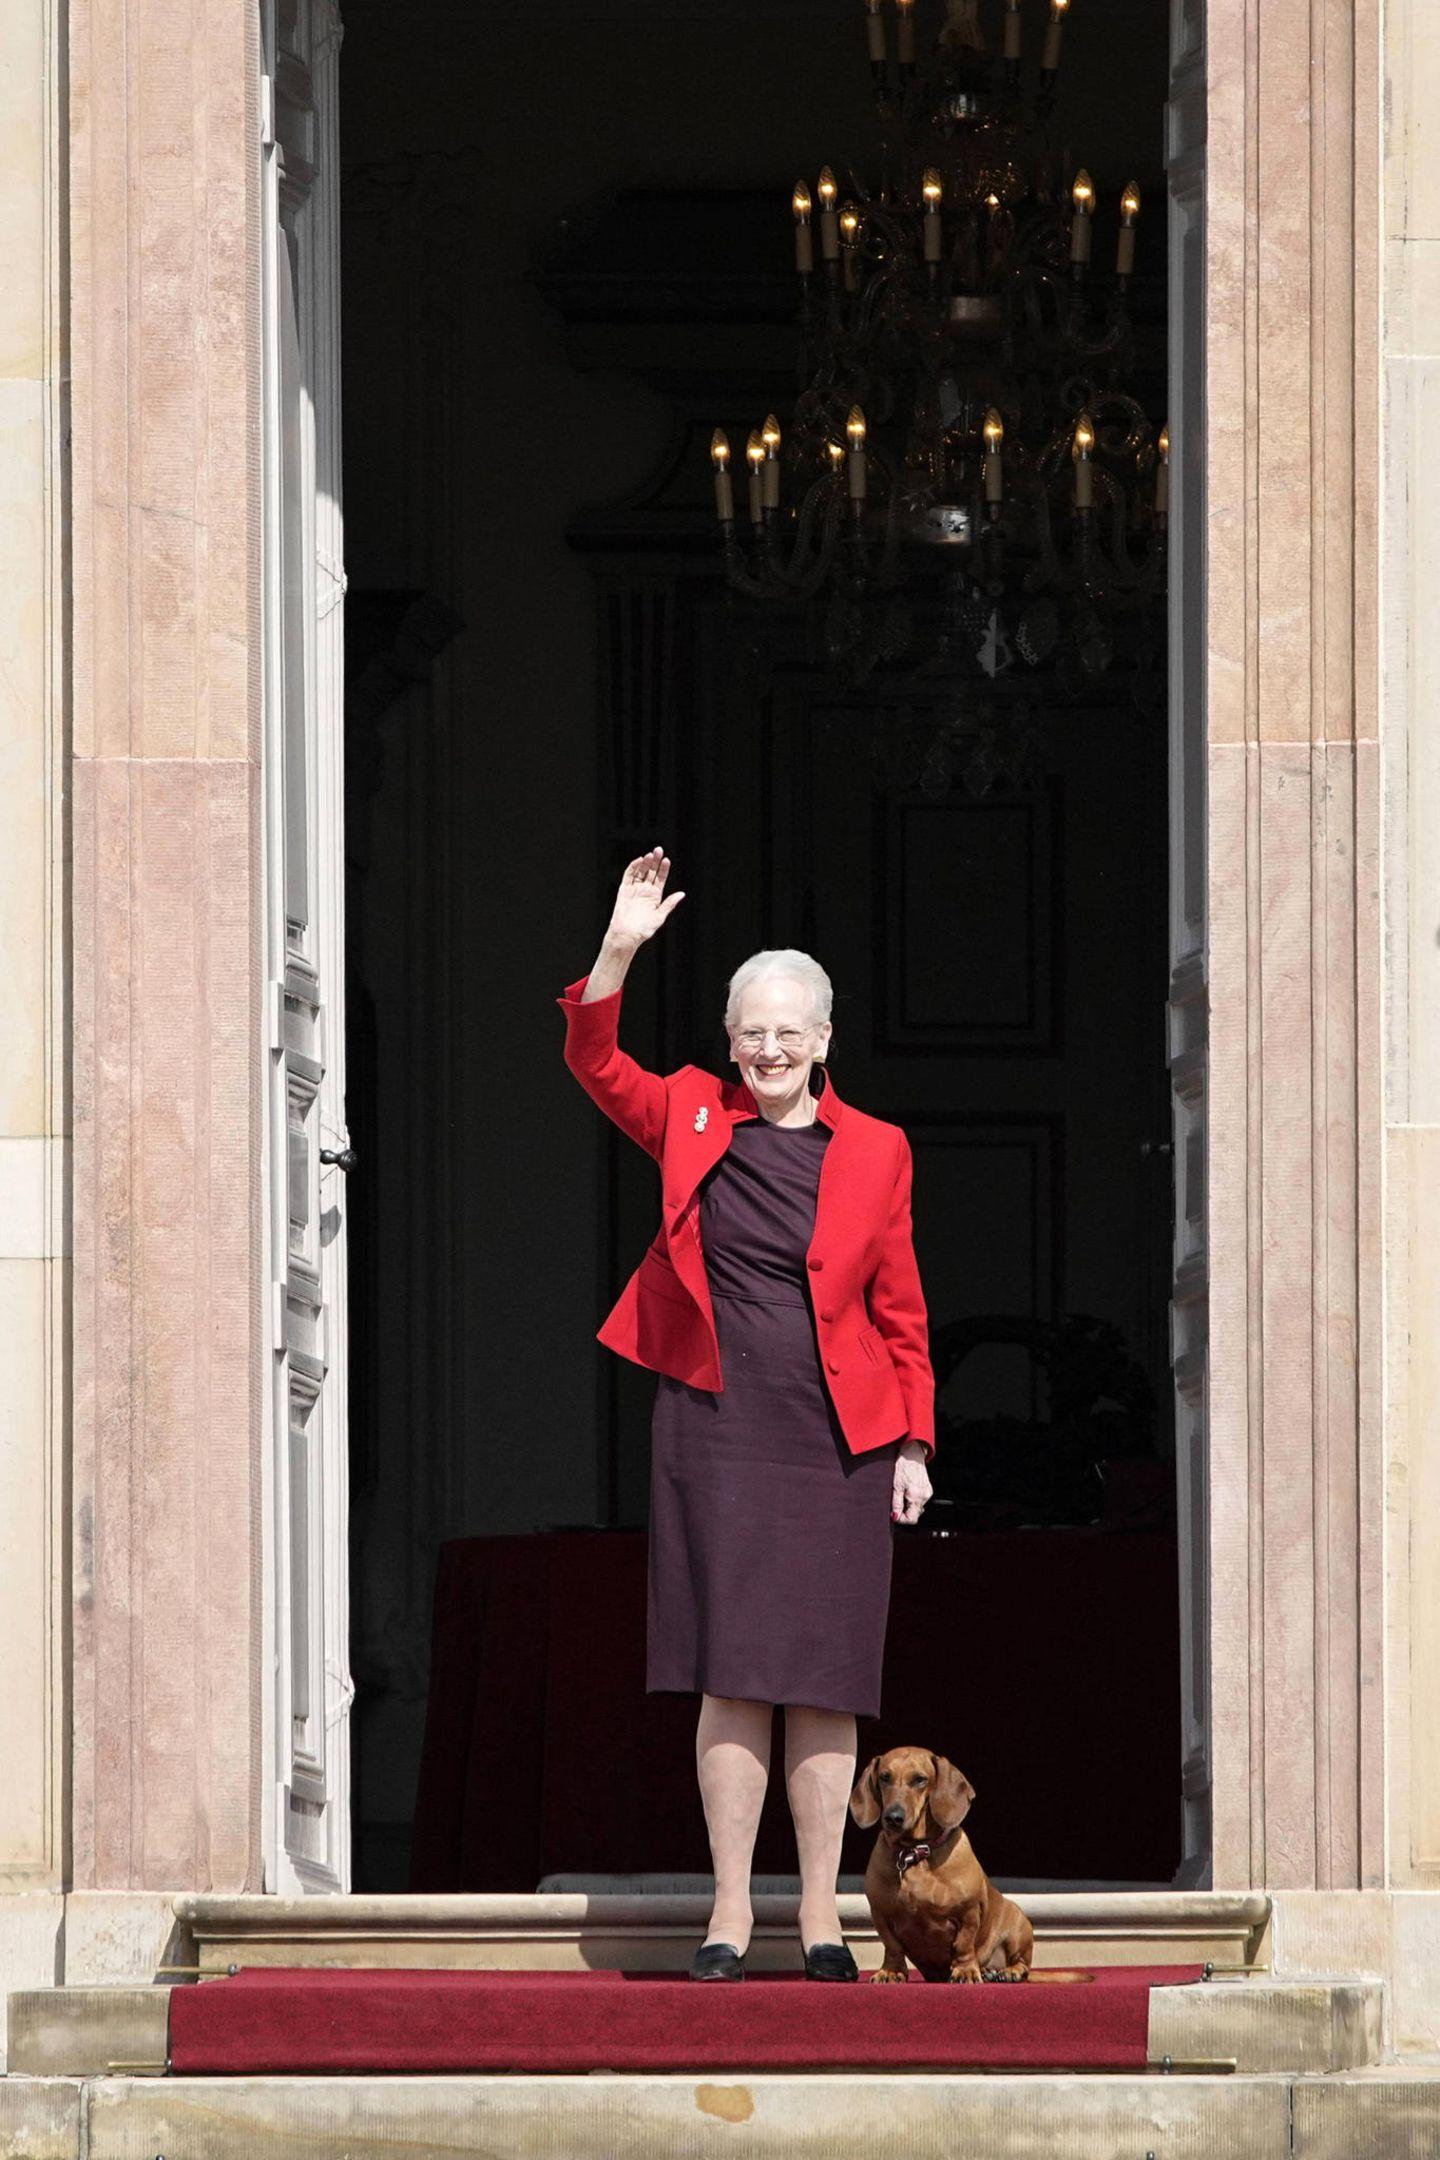 16. April 2021  Mit einem großen Lächeln im Gesicht winkt Königin Margrethe von Dänemark ihren Gratulanten vor Schloss Fredensborg zu. An diesem Tag feiert sie ihren 81. Geburtstag und lässt sich bei strahlendem Sonnenschein auf der Schlosstreppe blicken. Doch sie ist nicht allein: Begleitet wird sie von ihrem Lieblingsdackel, der brav neben der Königin wartet, während sie sich all die Glückwünsche aus der Ferne abholt.